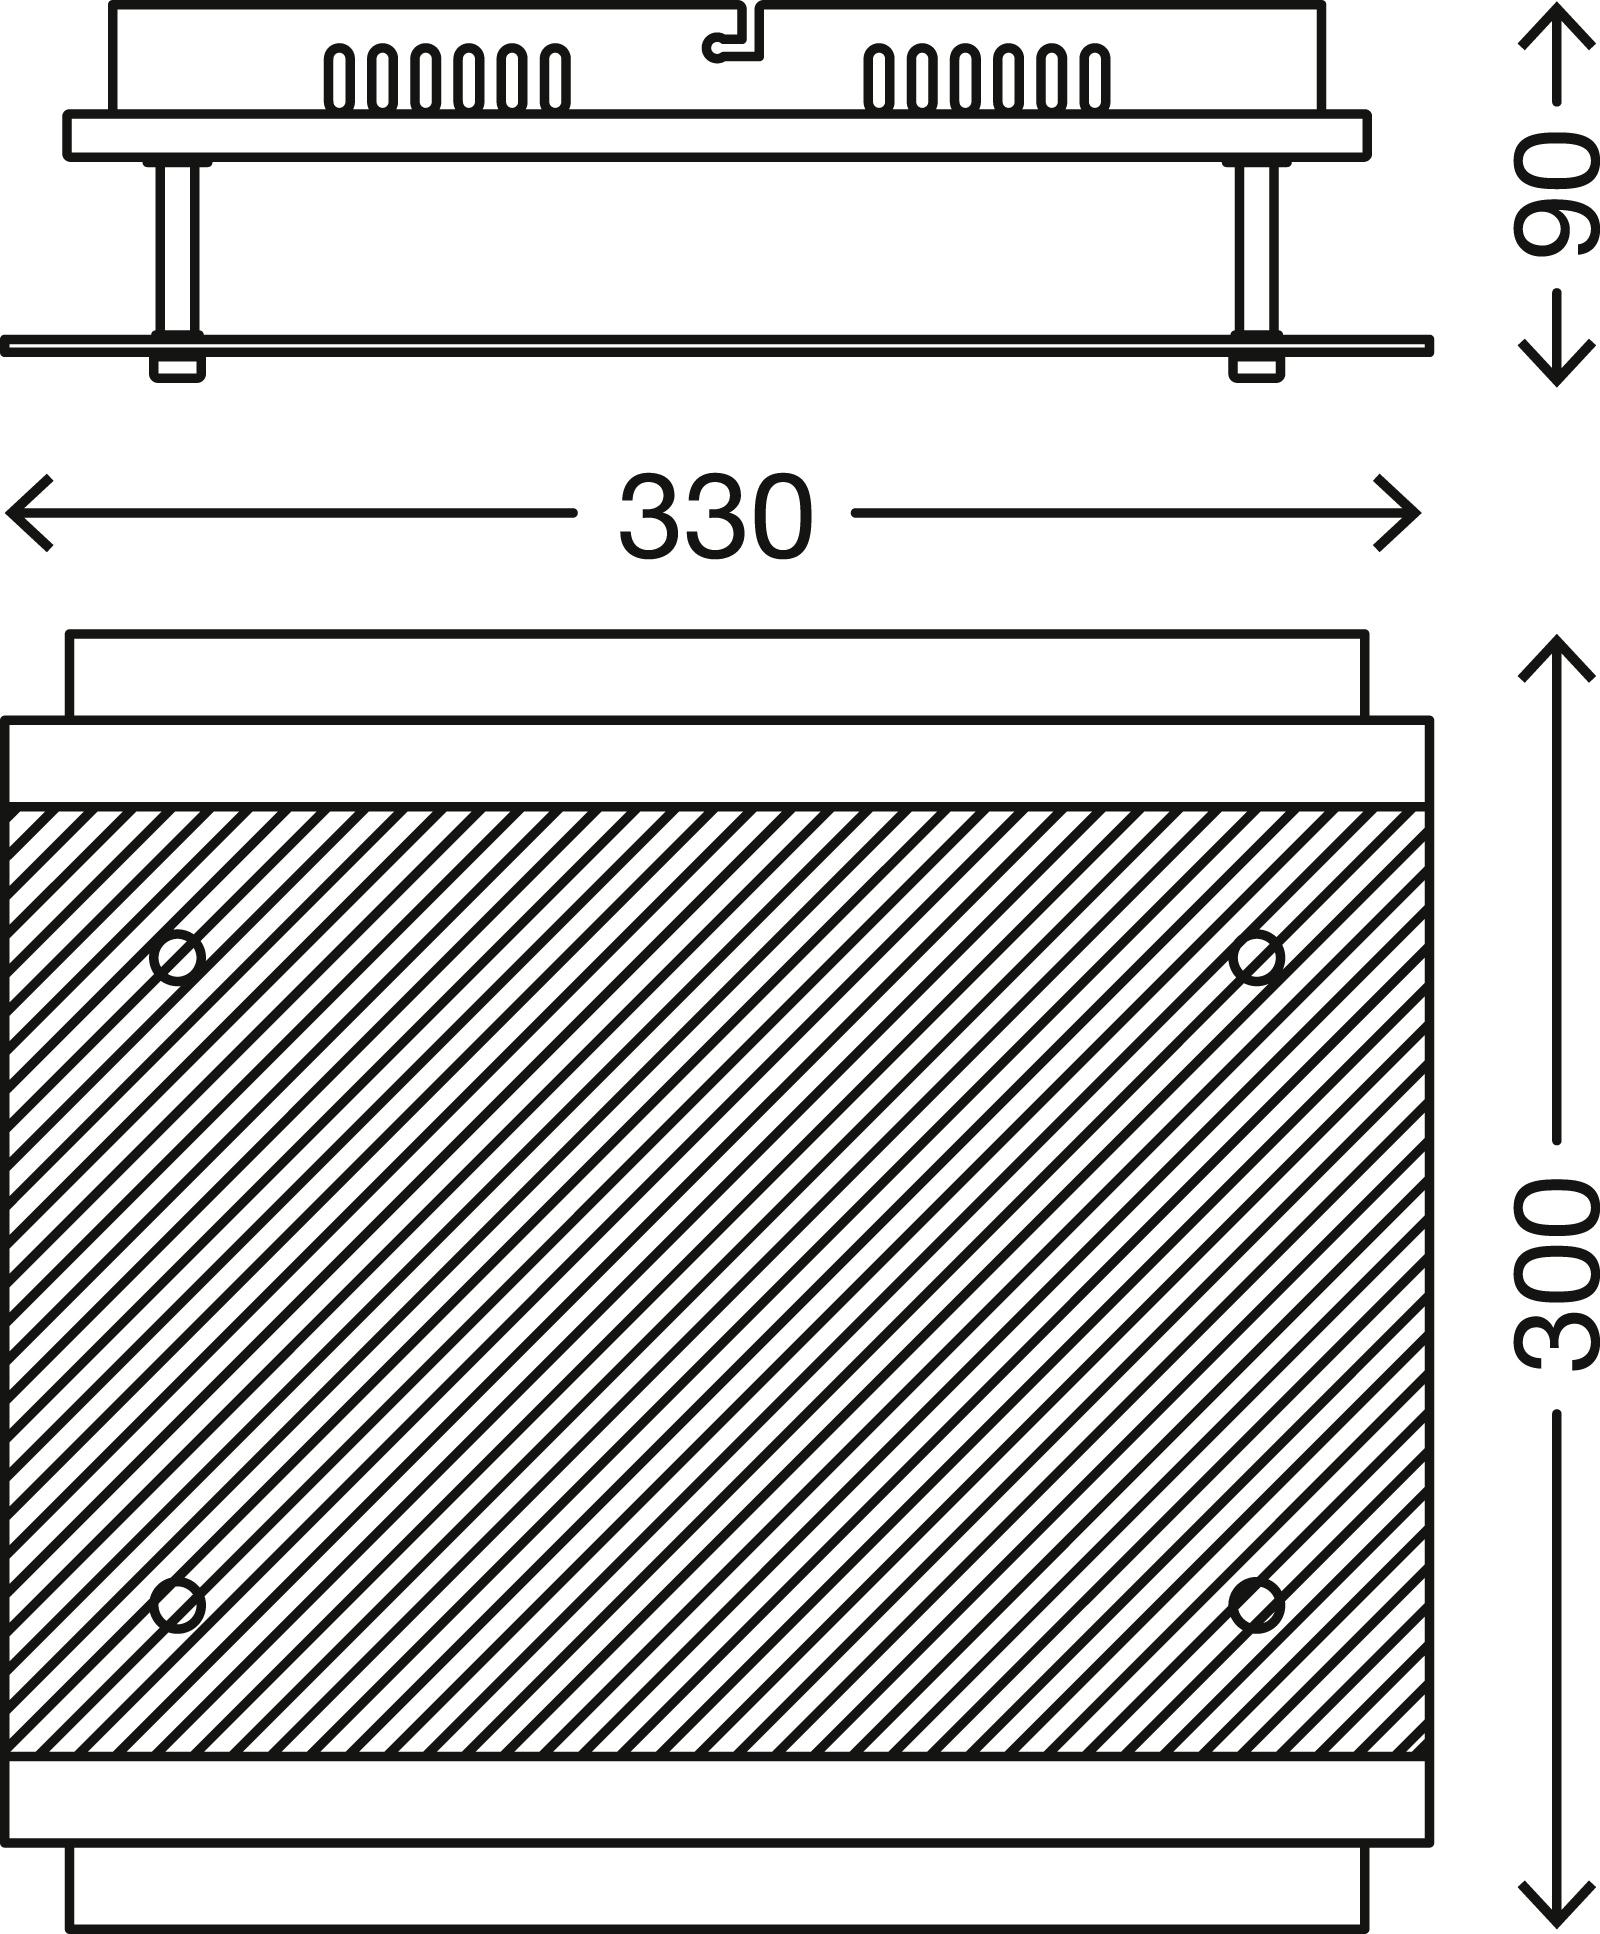 LED Deckenleuchte, 33 cm, 12 W, Matt-Nickel